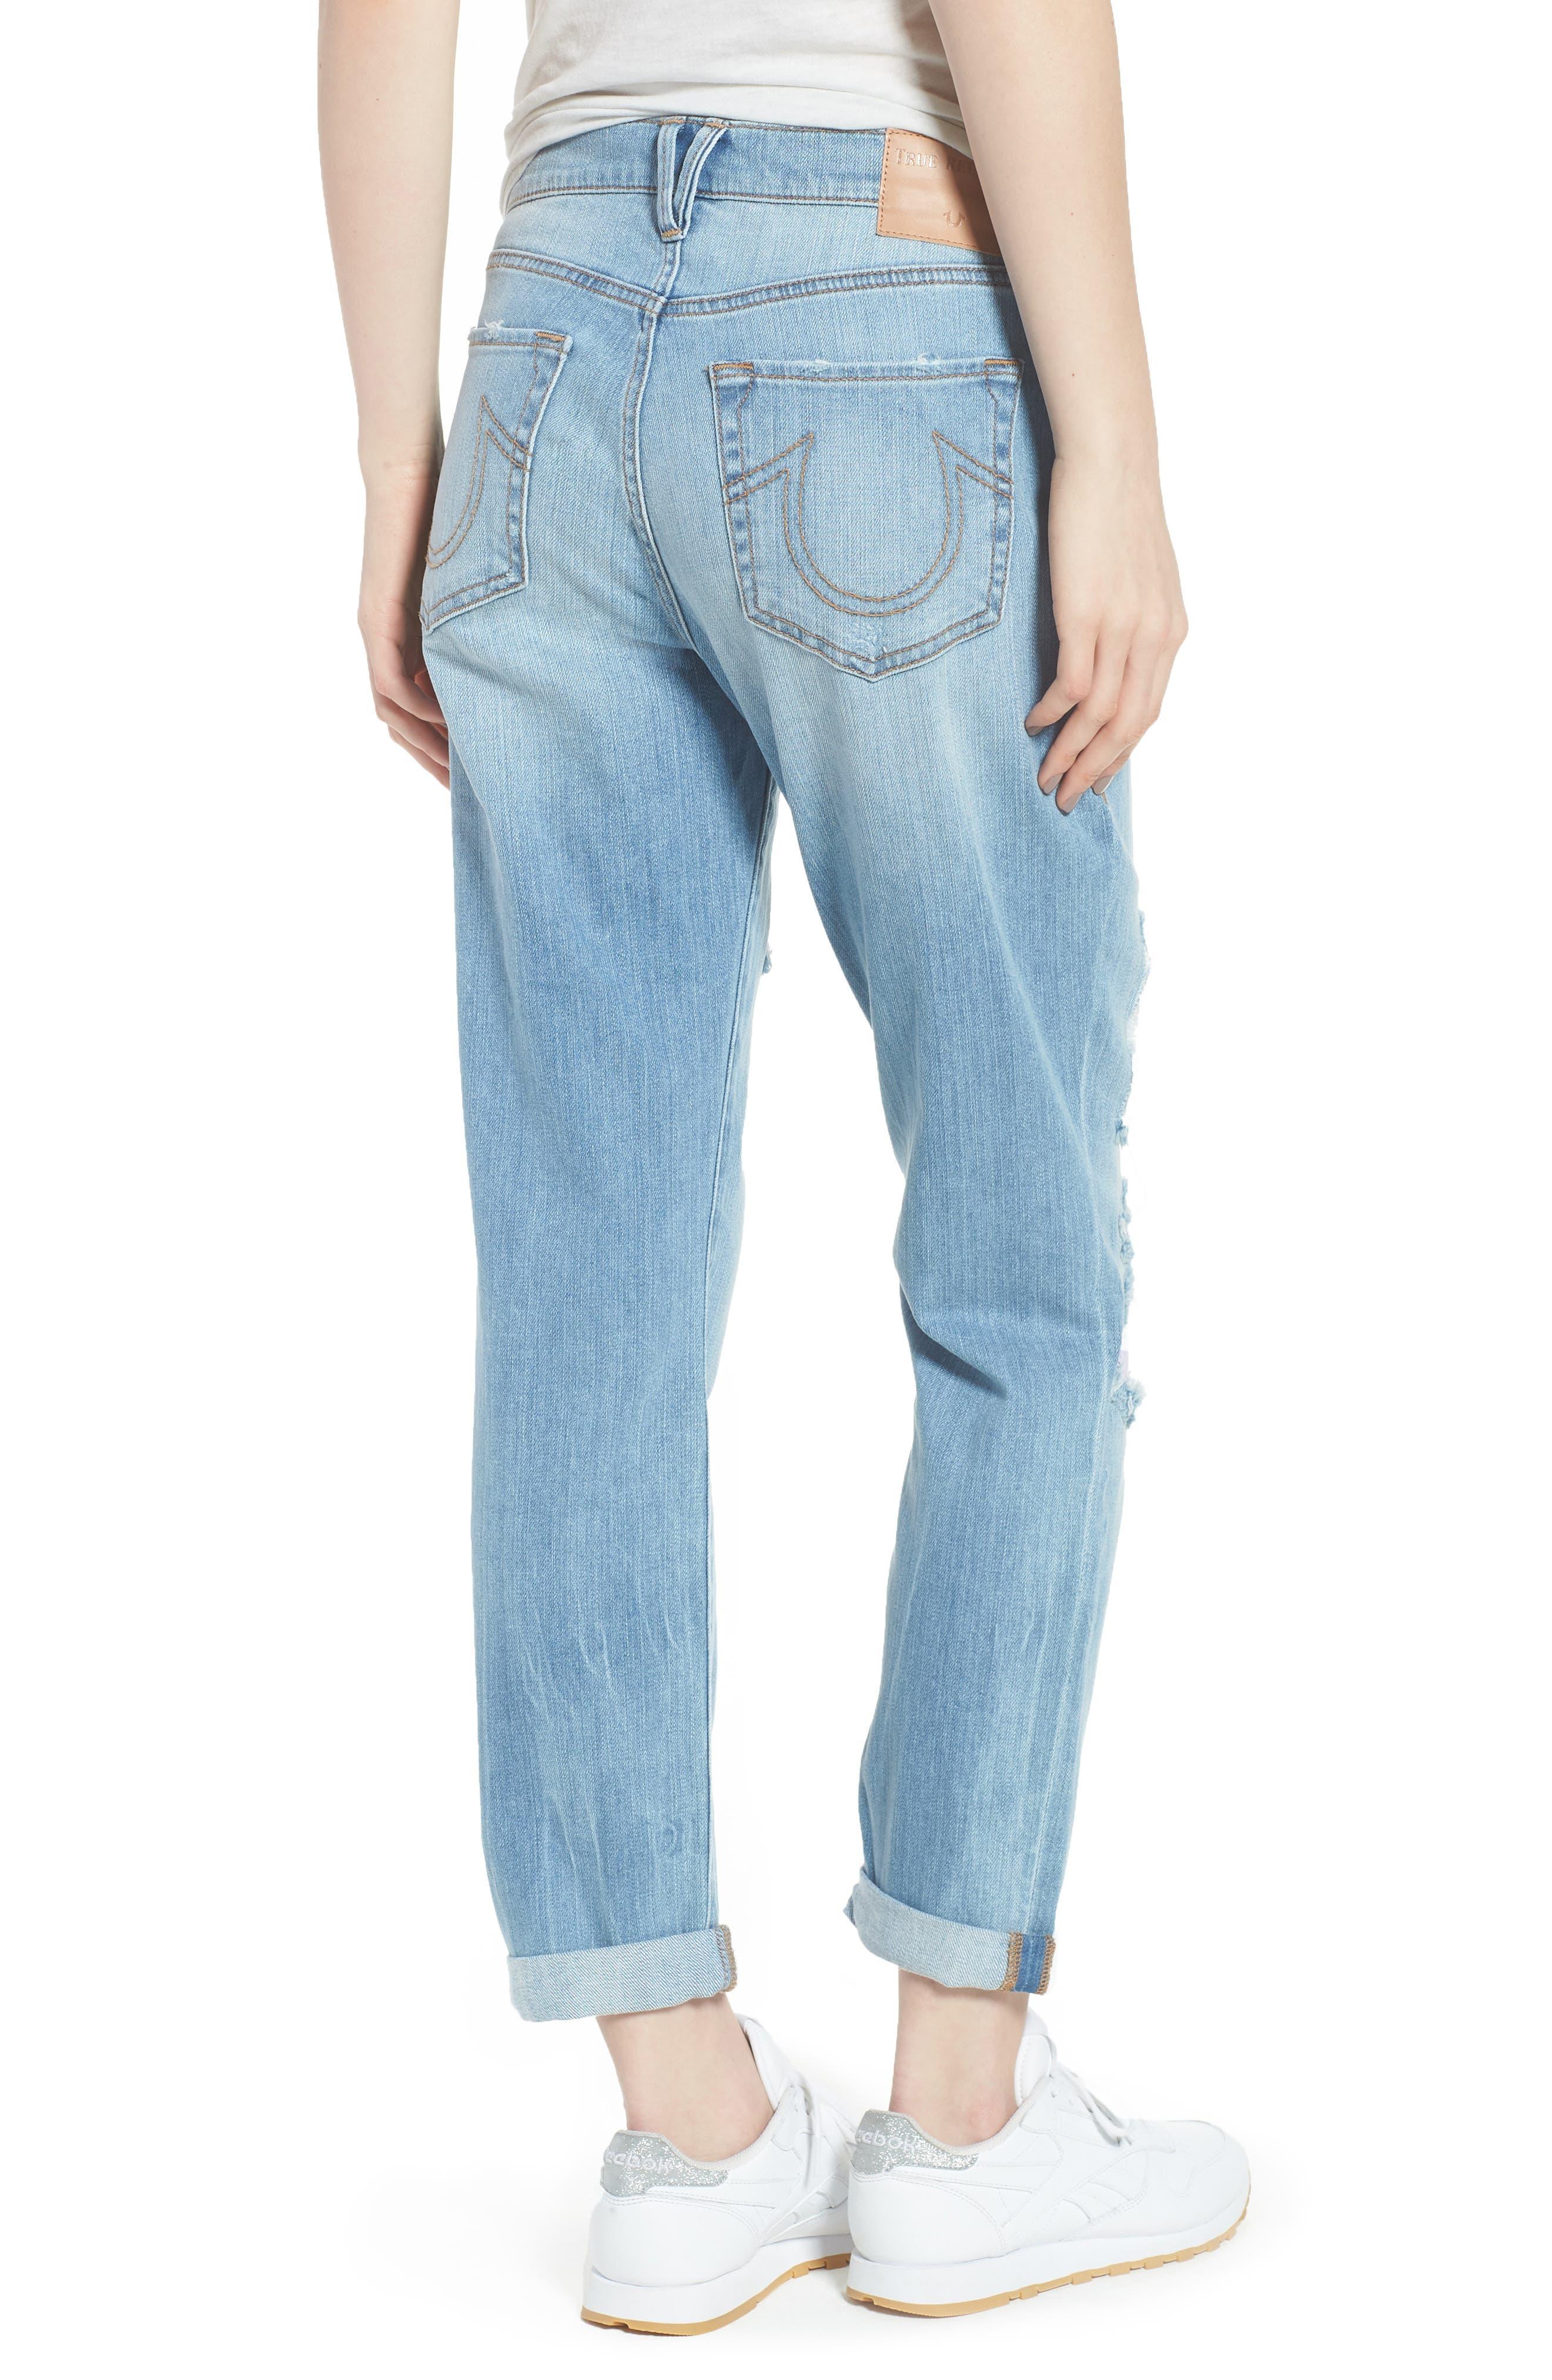 Cameron Slim Boyfriend Jeans,                             Alternate thumbnail 2, color,                             Esgl Second Quarter